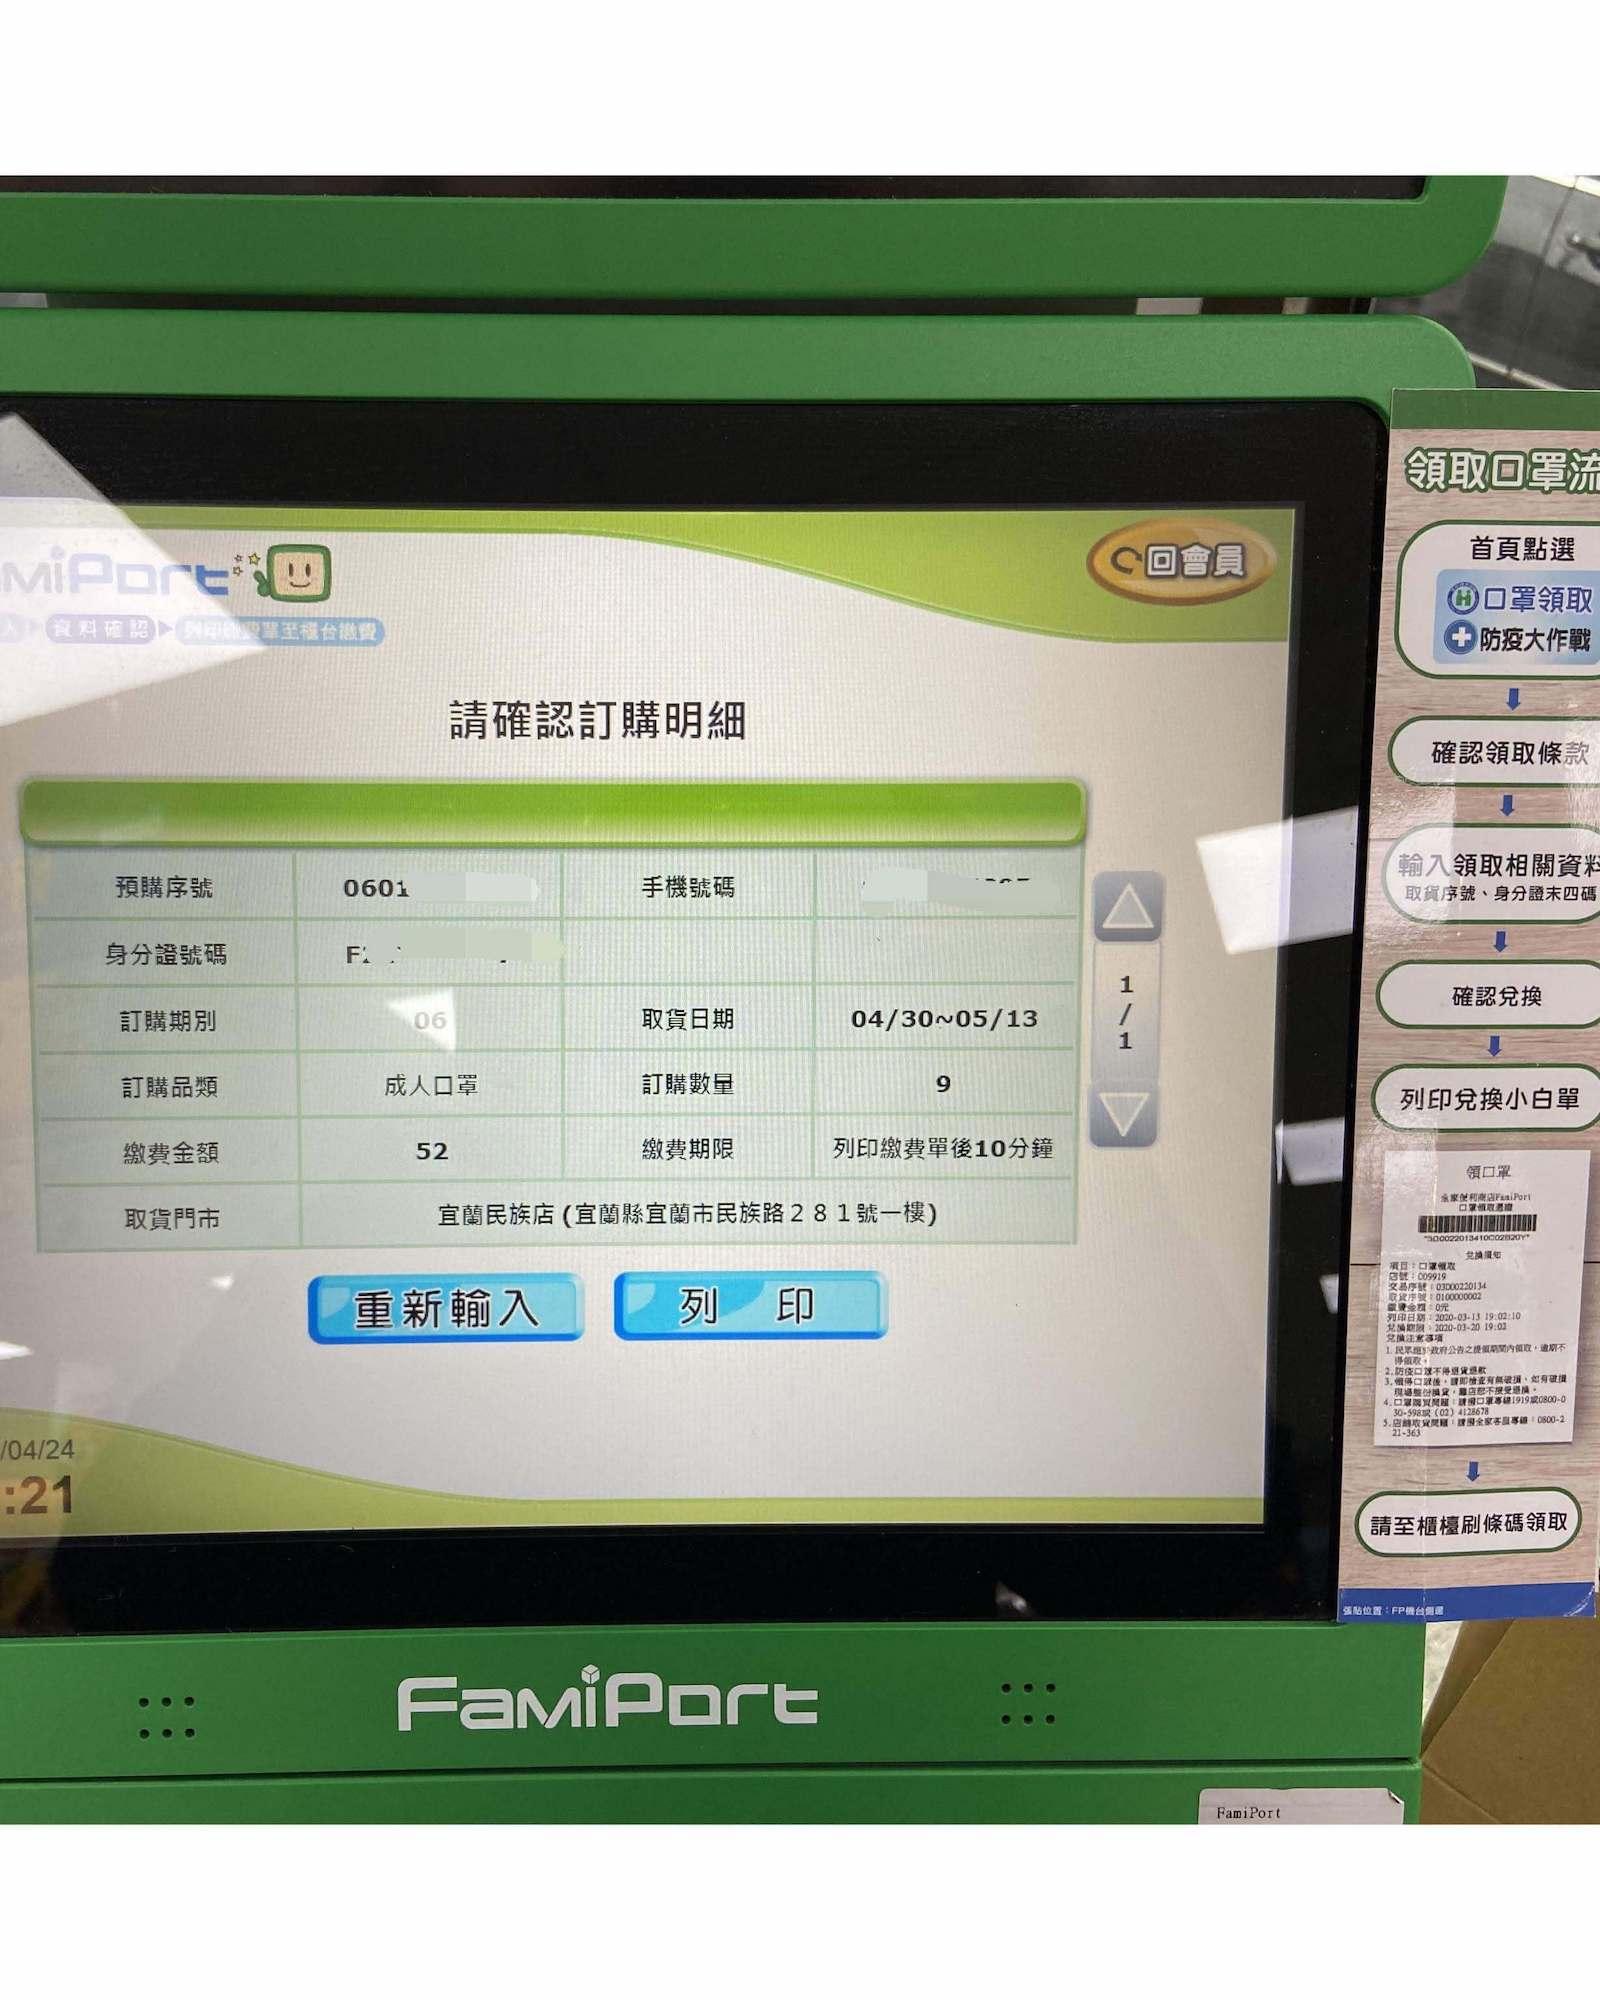 【台湾のコロナウイルス状況・対策】コンビニのマスク購入予約:6.予約明細を確認してプリントする。